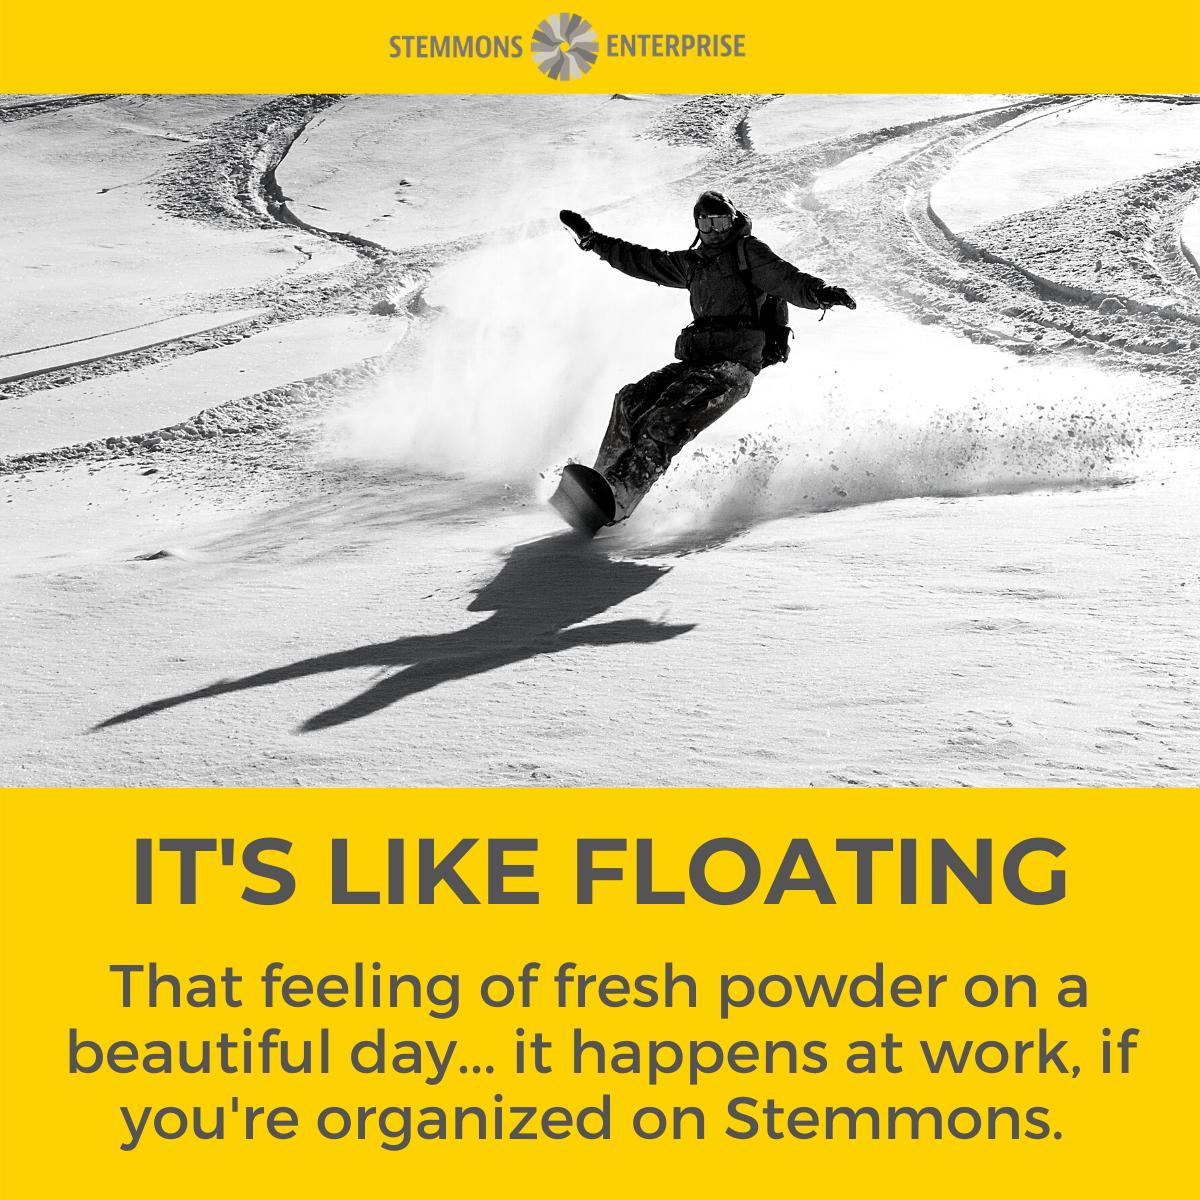 It's Like Floating